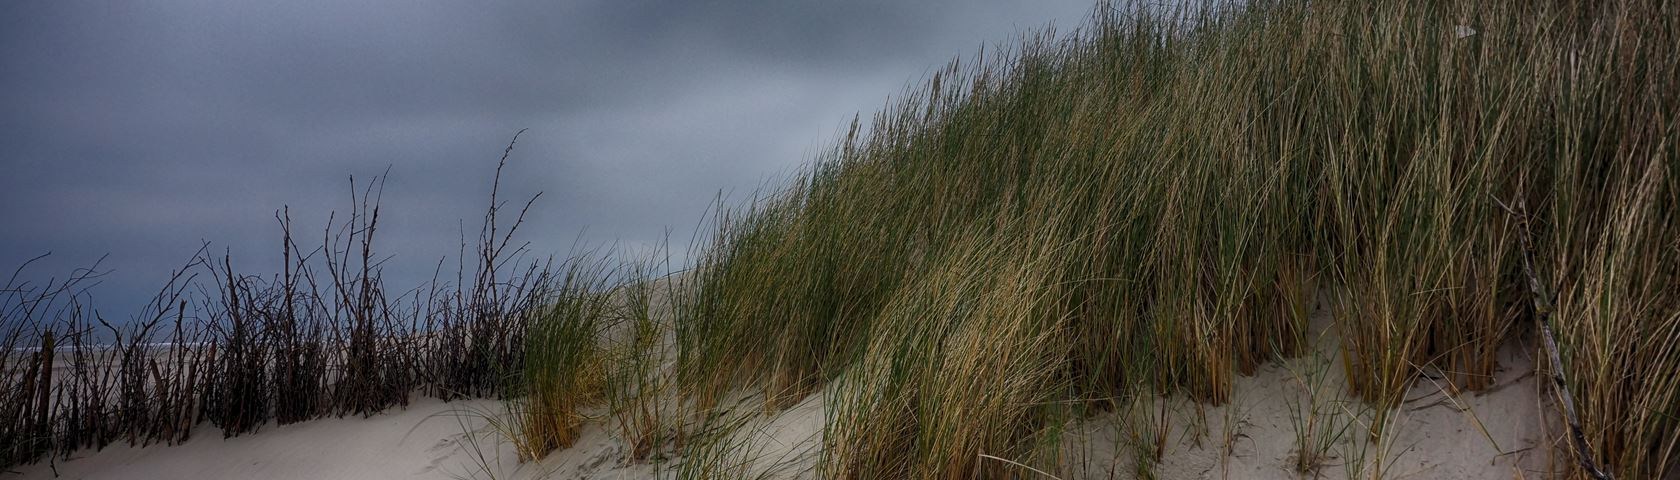 Beach in Joest, Germany